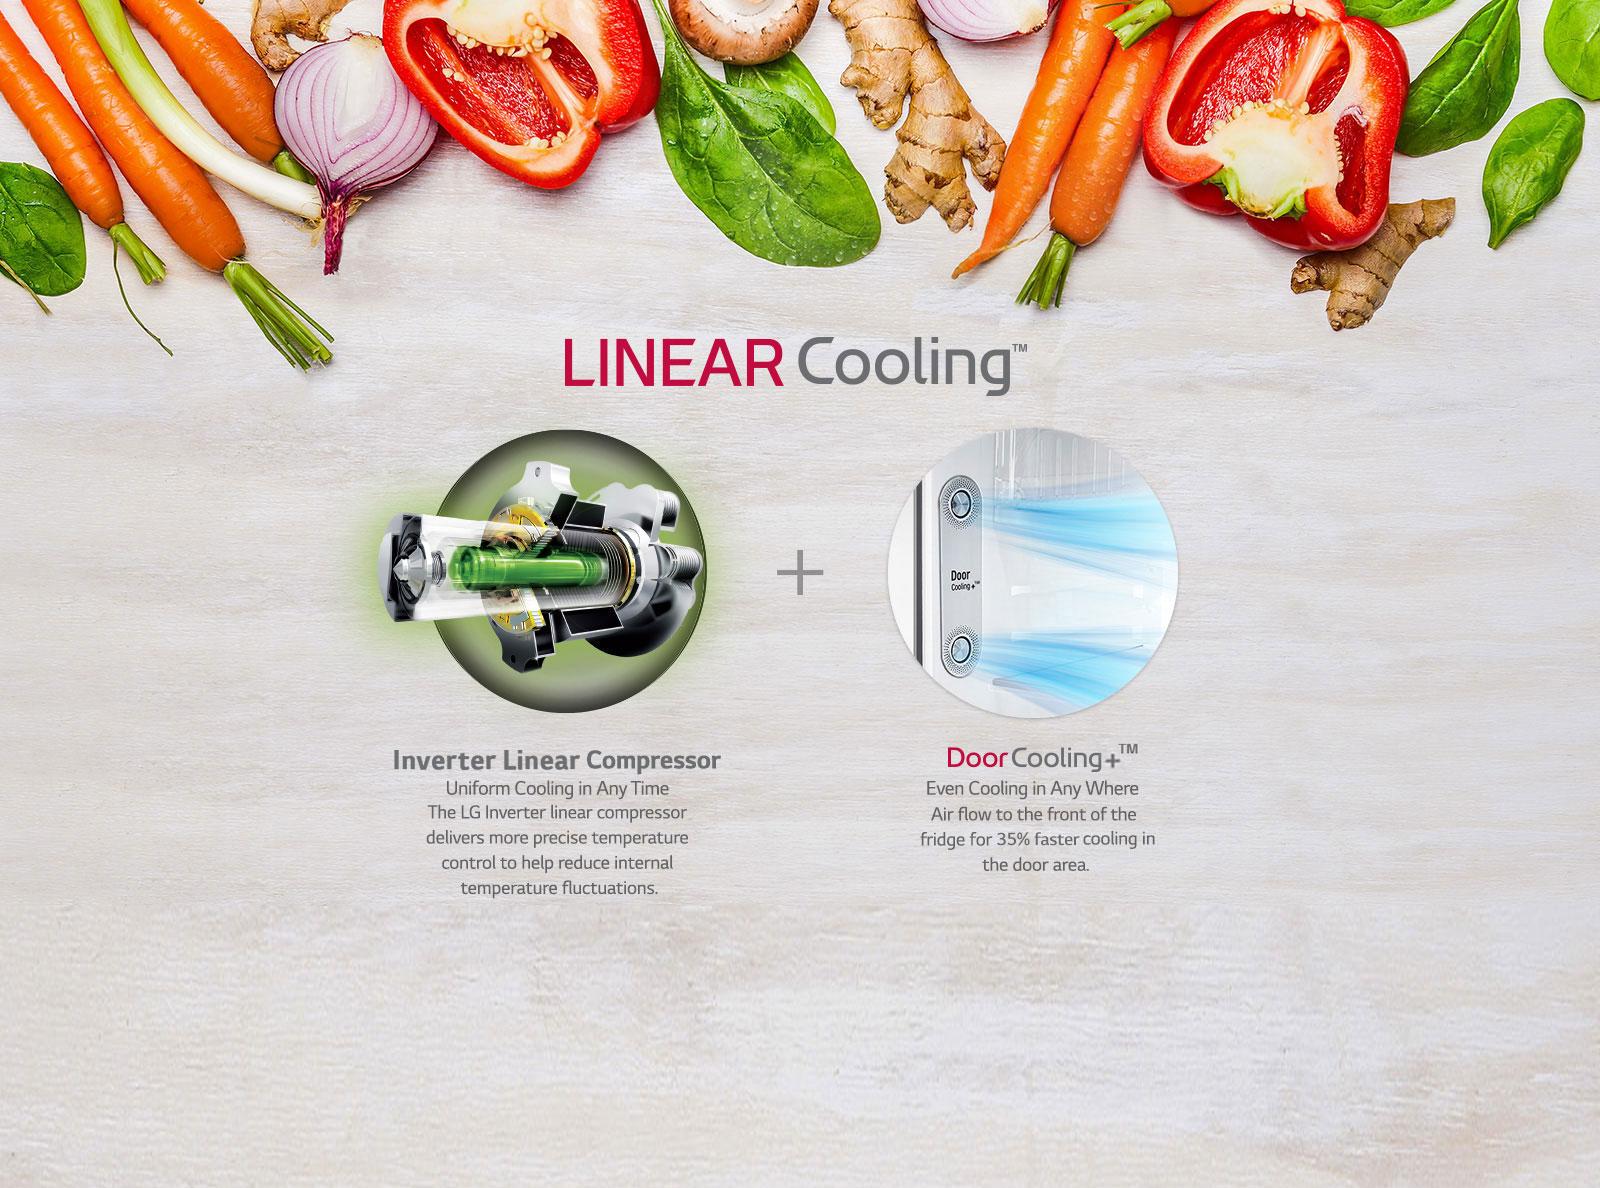 LG GN-H602HLHQ 516 Ltr Linear Cooling